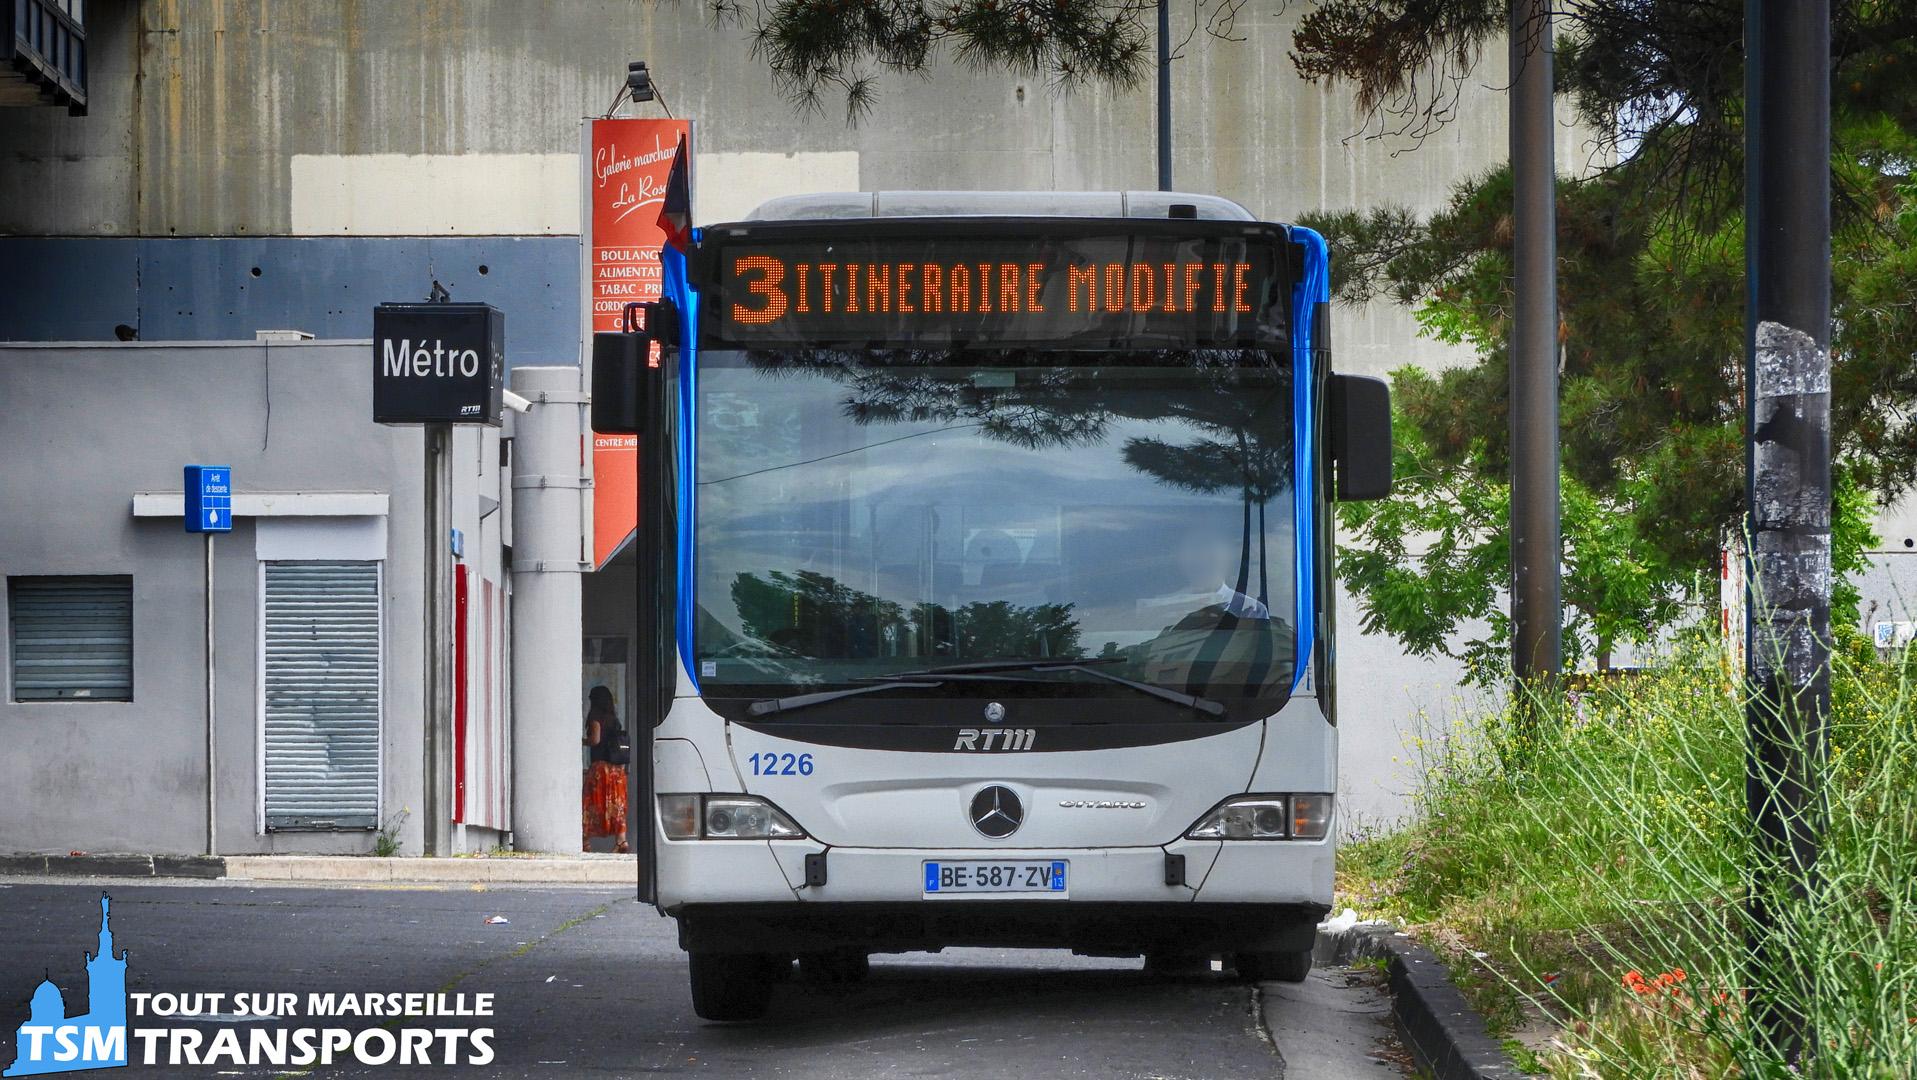 Mercedes Benz Citaro Facelift RTM n°1226 en pause à la gare d'échange du Métro La Rose